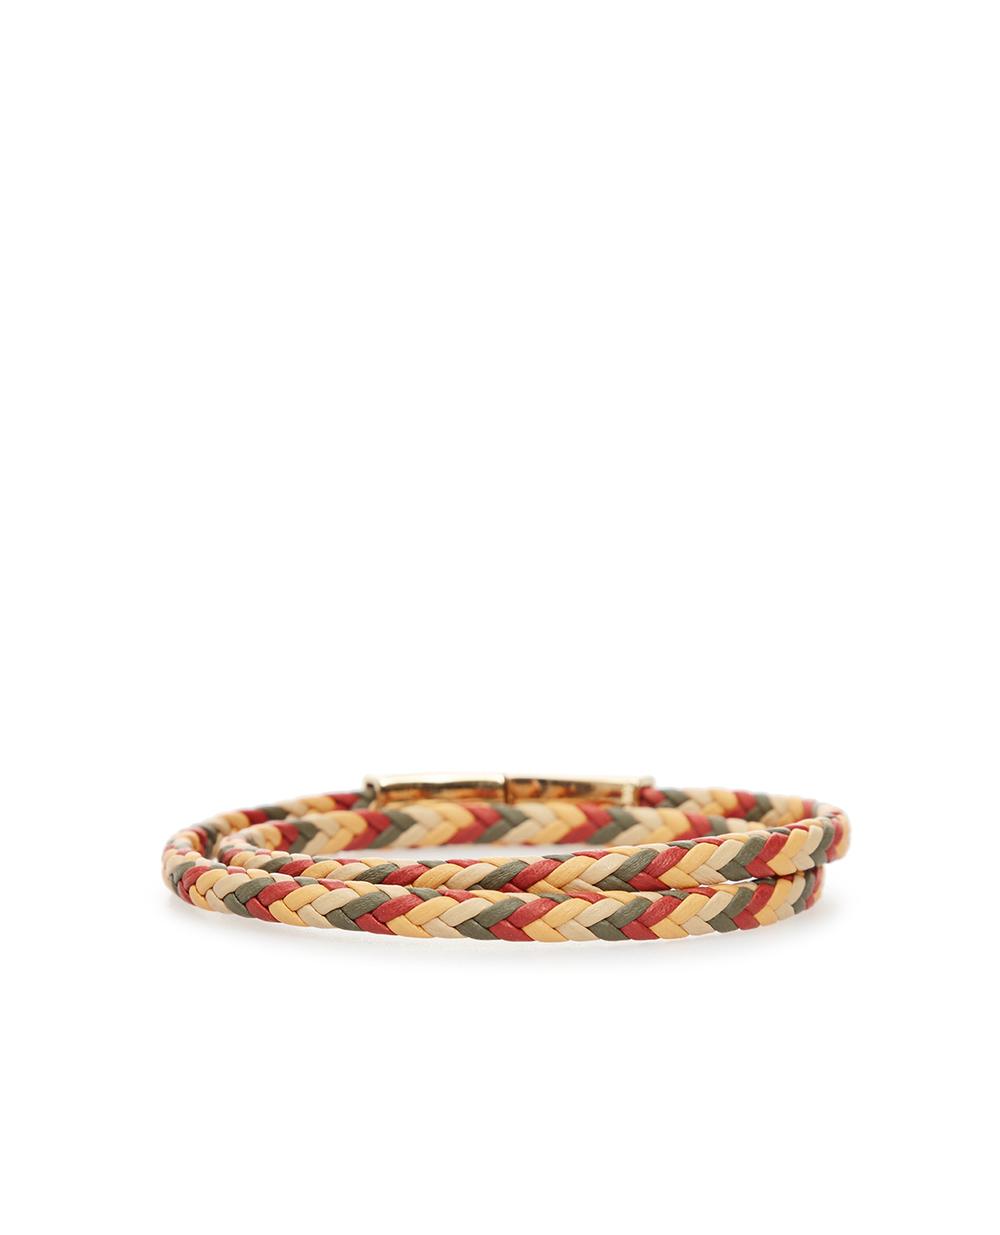 Кожаный браслет Dolce&Gabbana WBM5R6-W1111 — Kameron